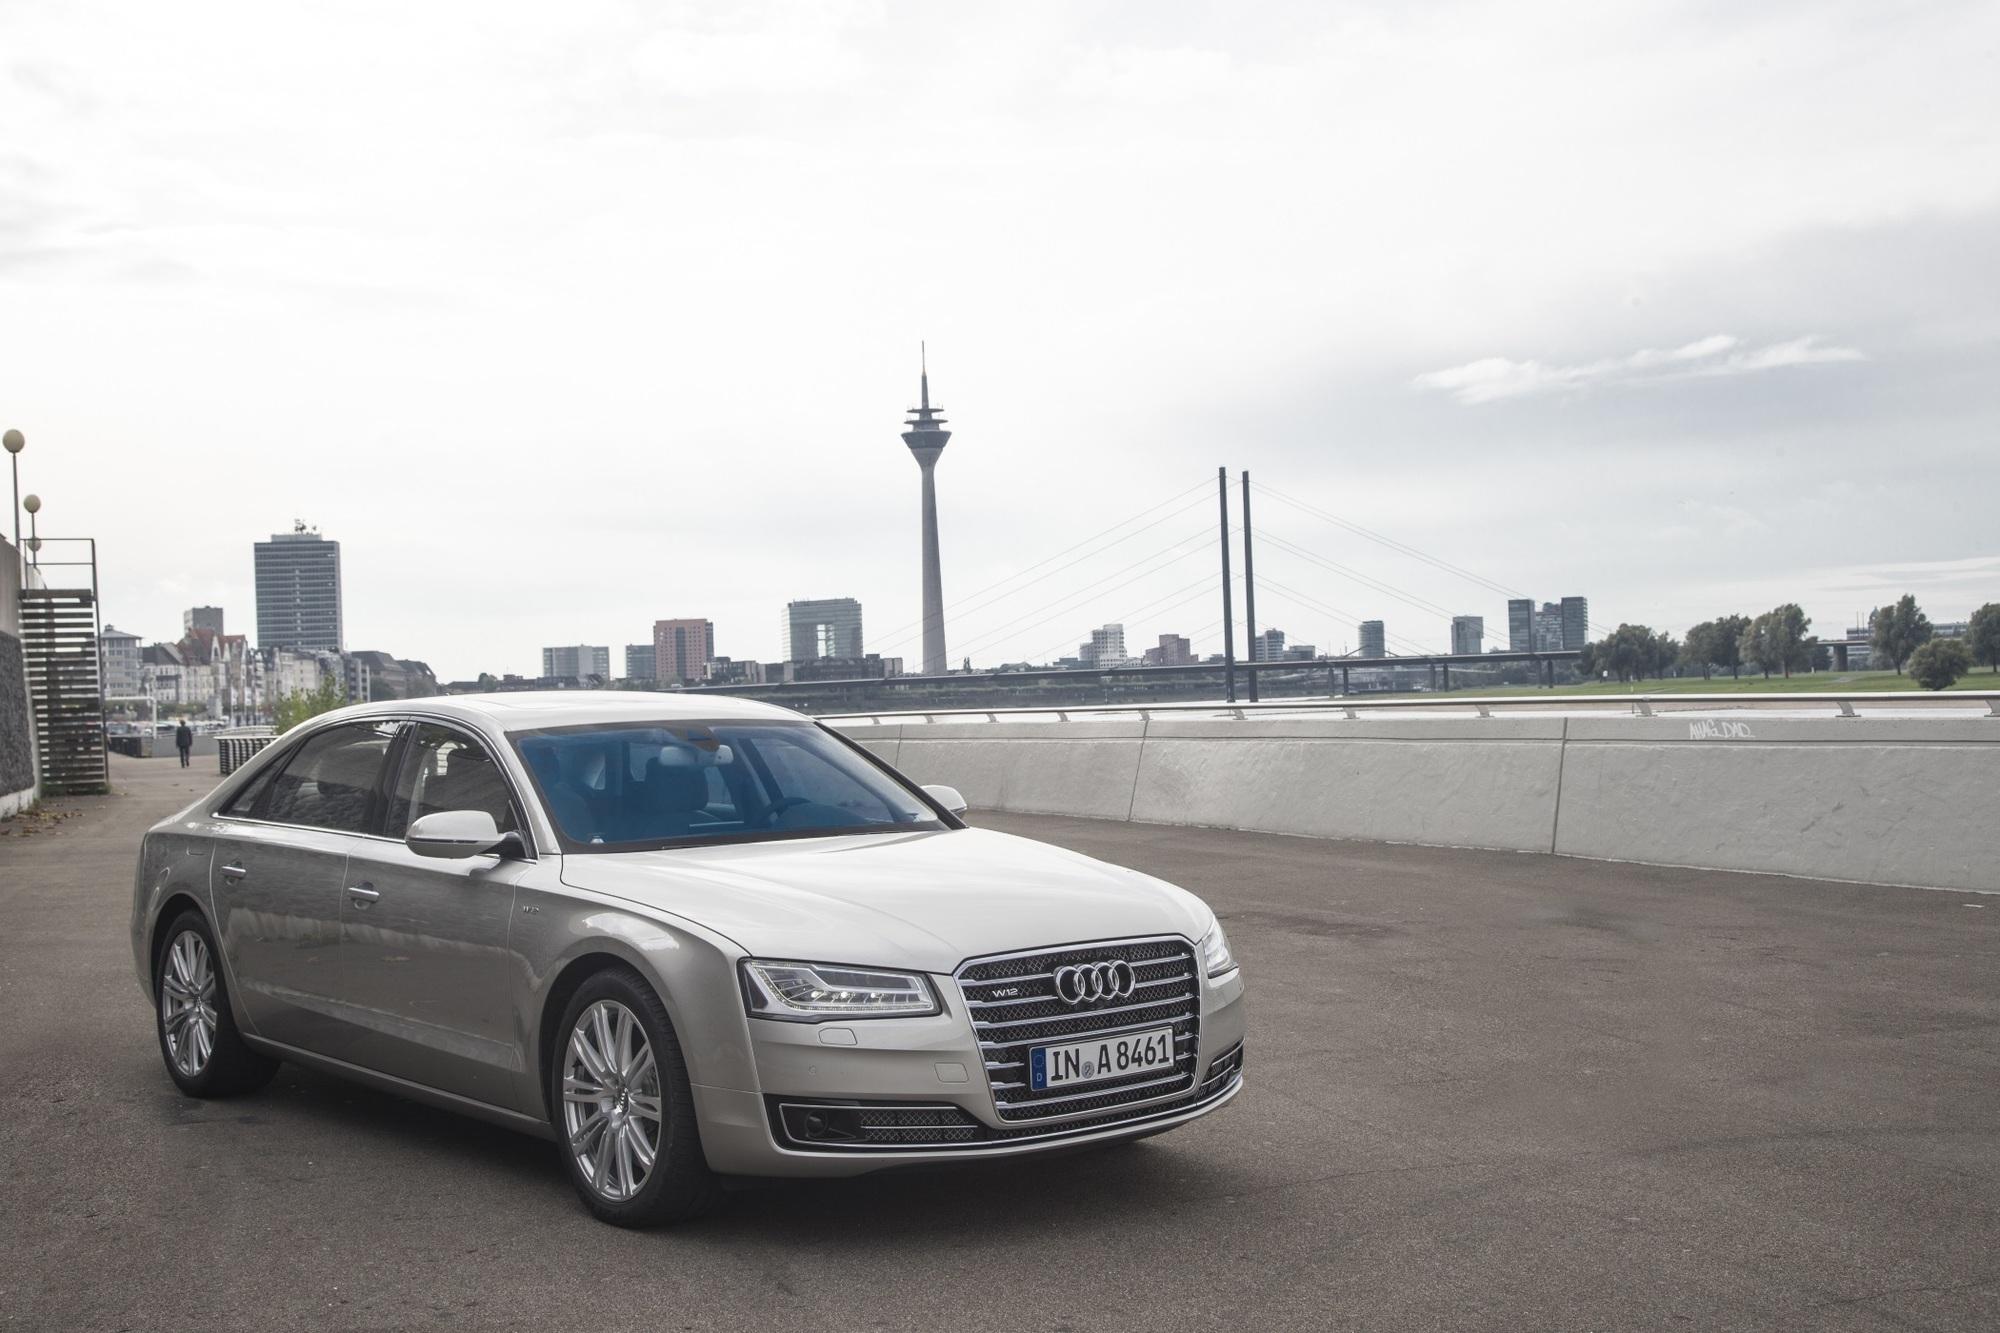 Test: Audi A8 TFSI Quattro - Das Chauffeursauto zum selbst fahren